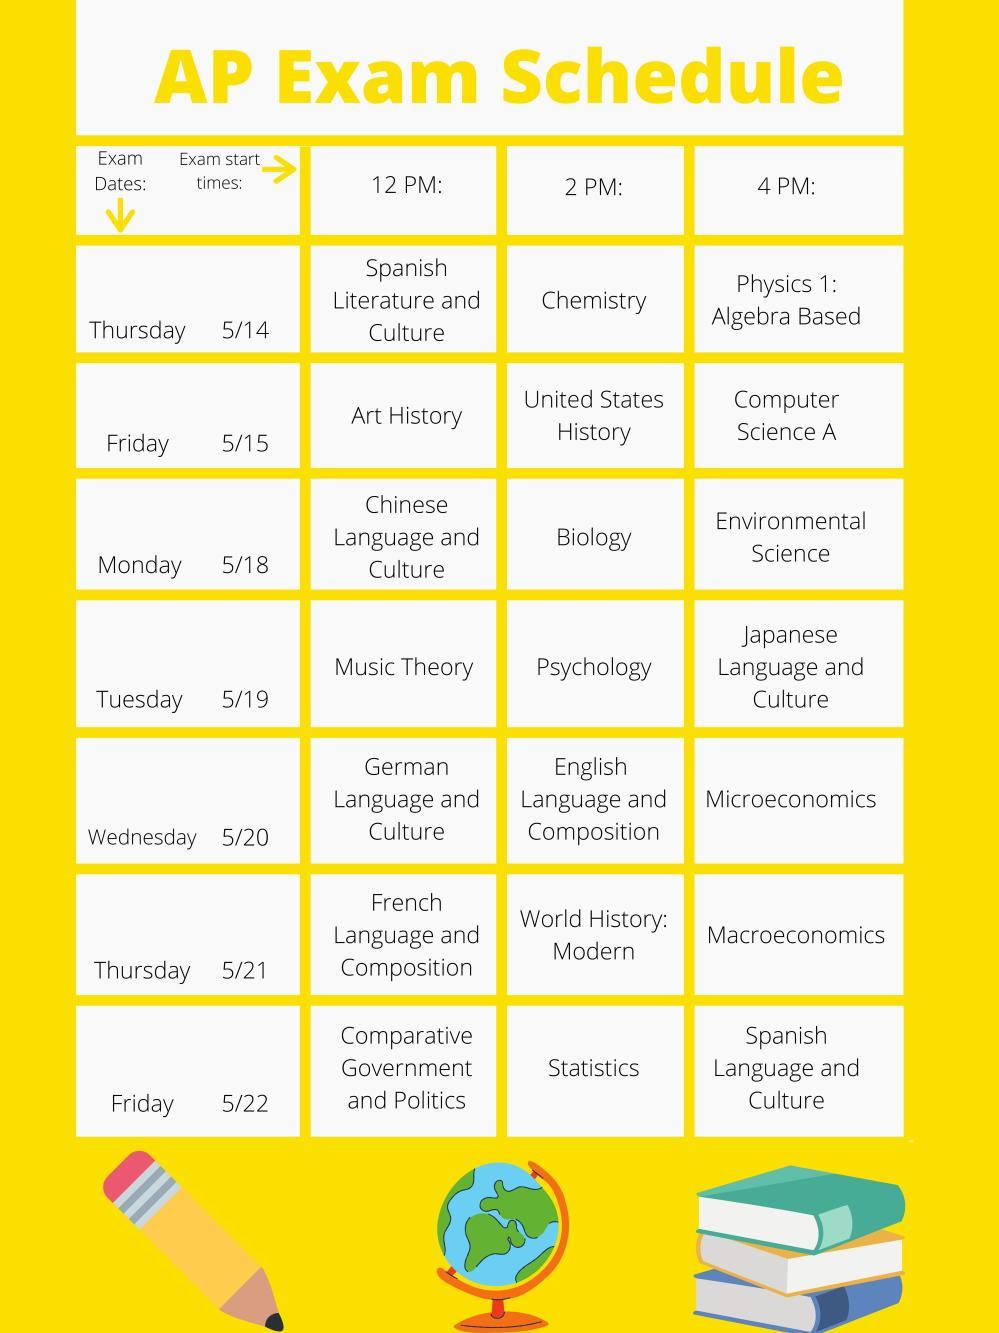 AP Exam Schedule (1)